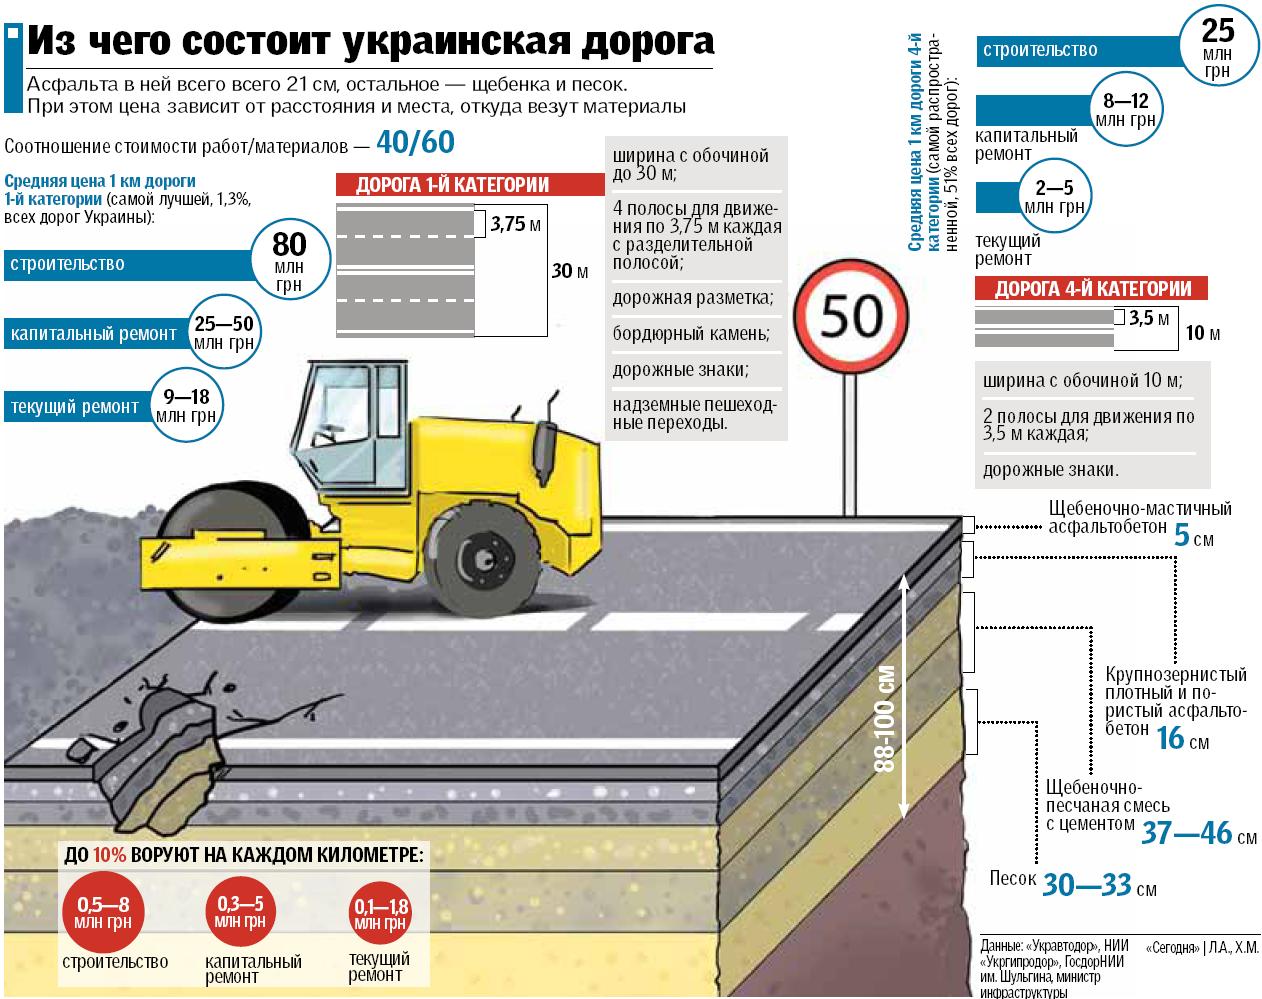 Состав украинских дорог